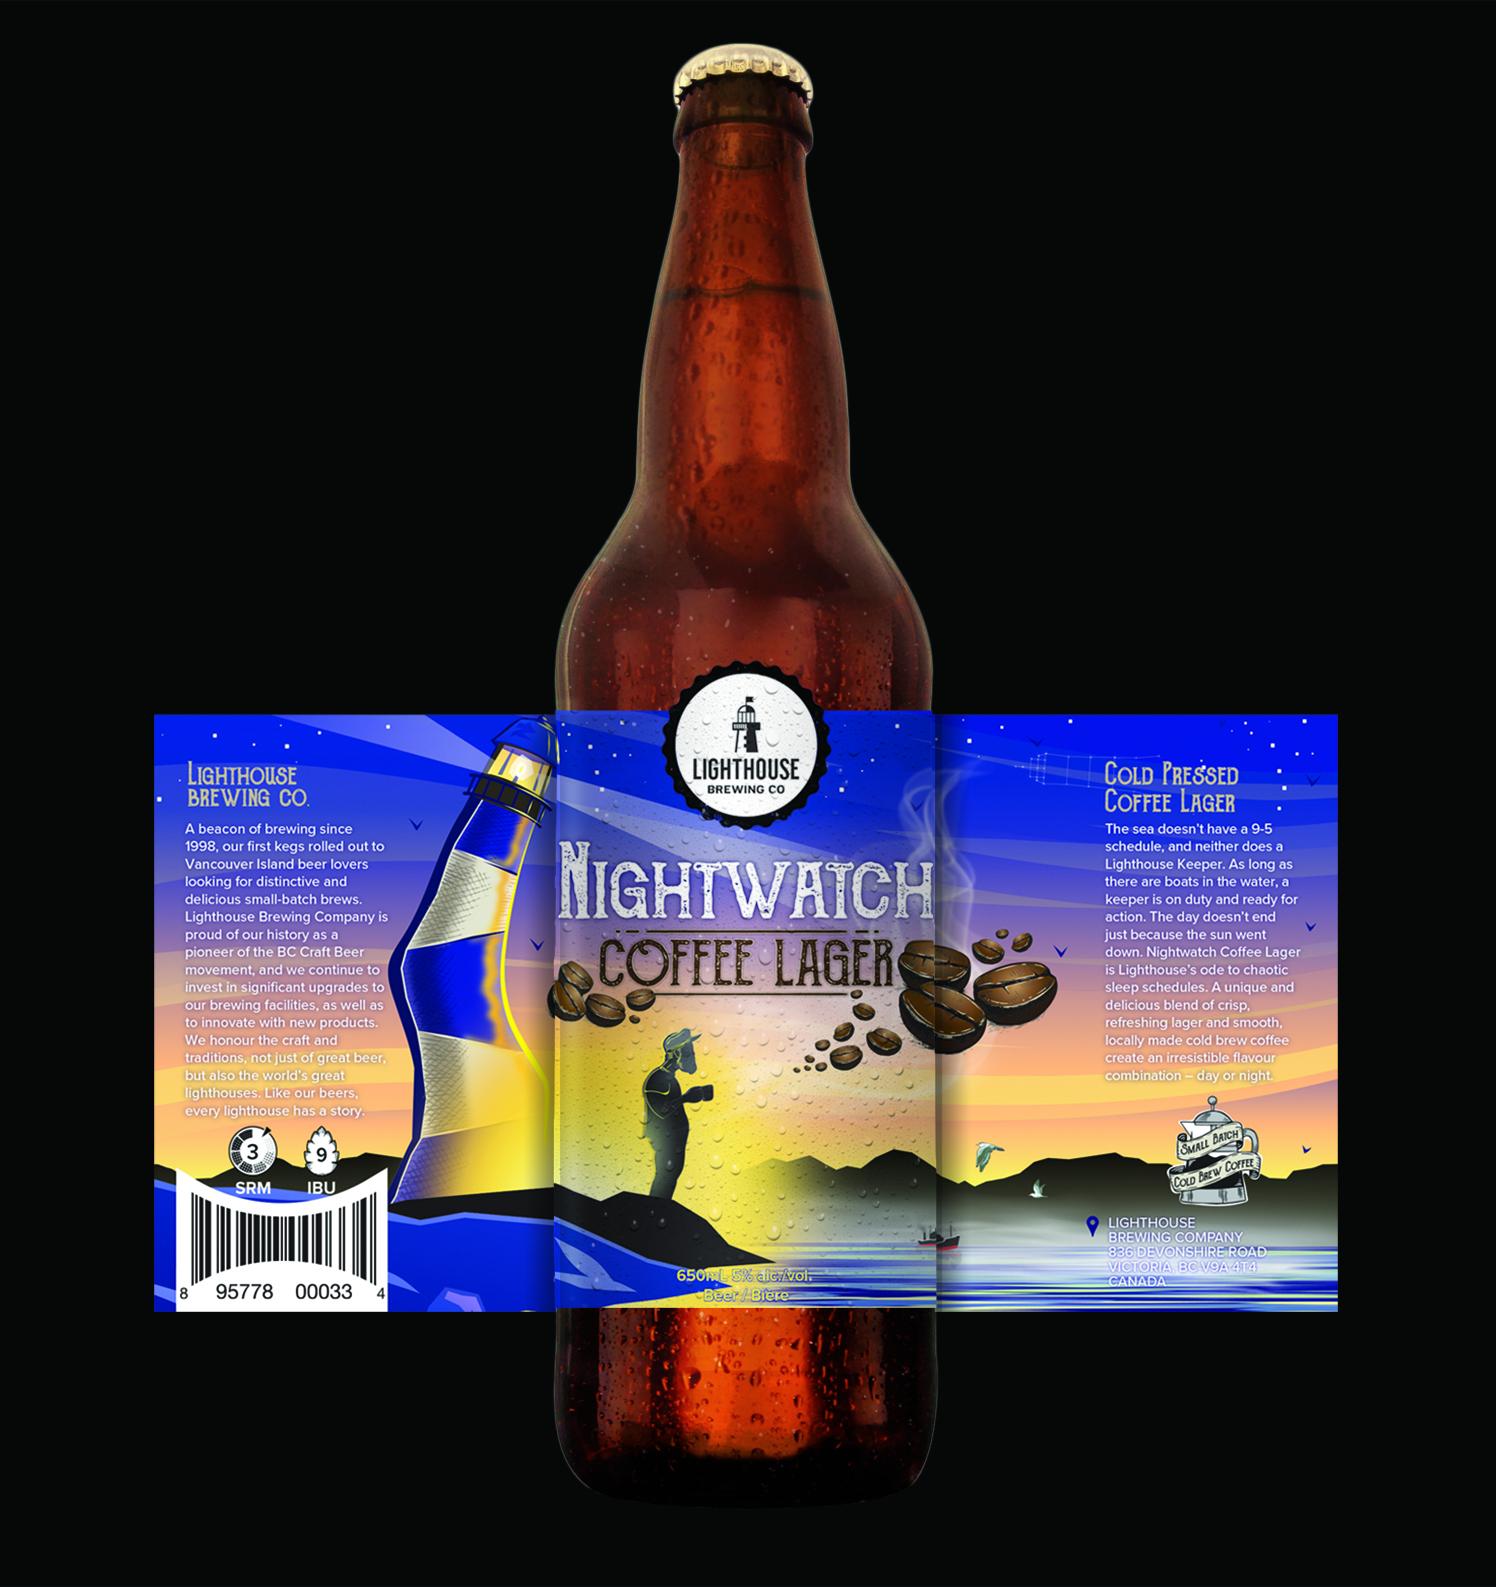 LH_Nightwatch_bottle_Label_Mock